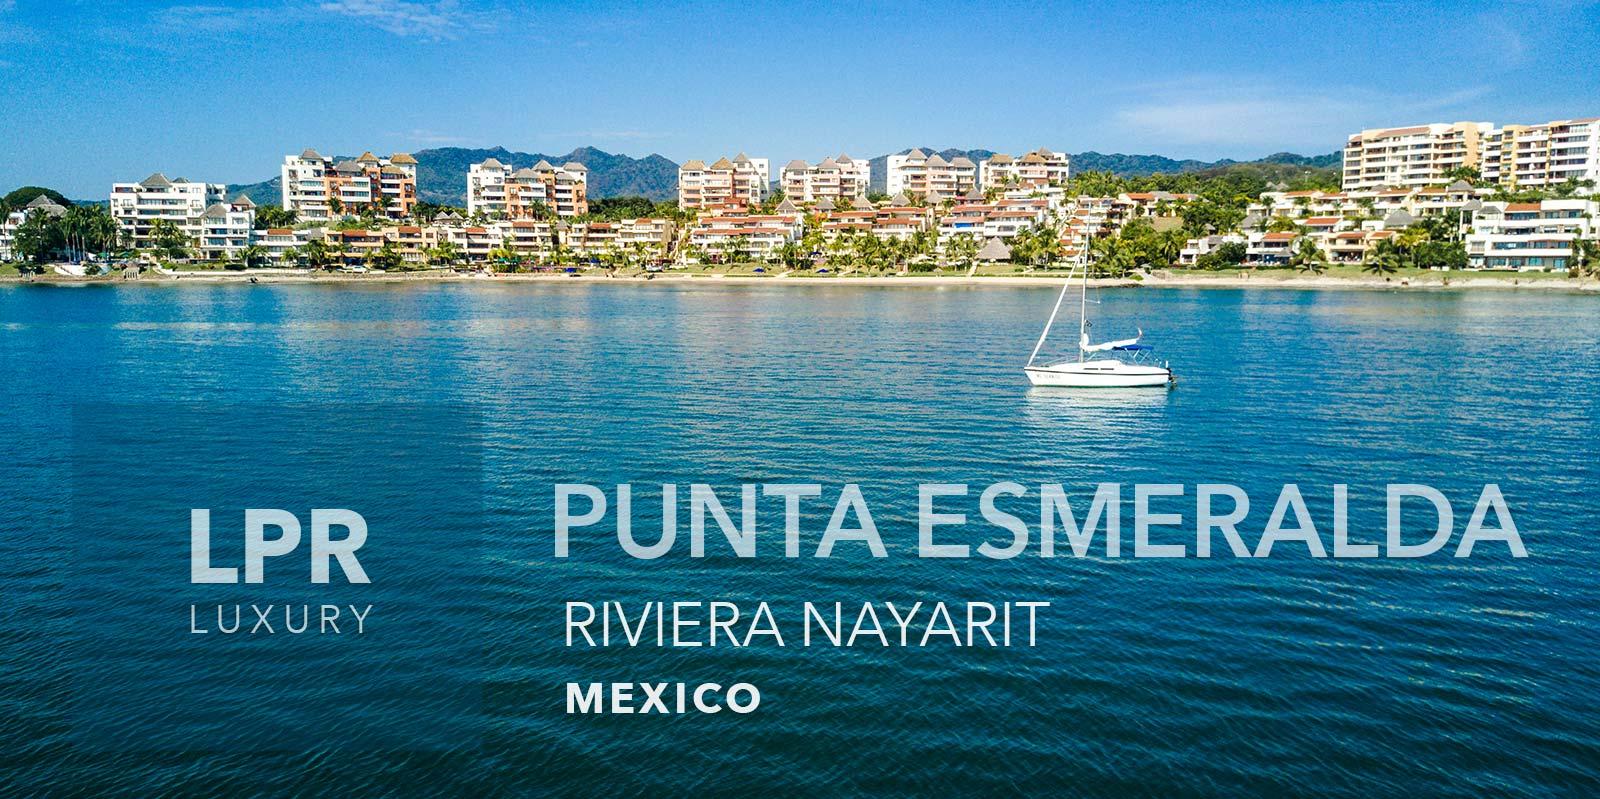 Punta Esmeralda - Punta de Mita Luxury beachfront vacation rental villas for sale in La Cruz de Huanacaxtle, Punta de Mita, Riviera Nayarit, North shore Puerto Vallarta, Mexico